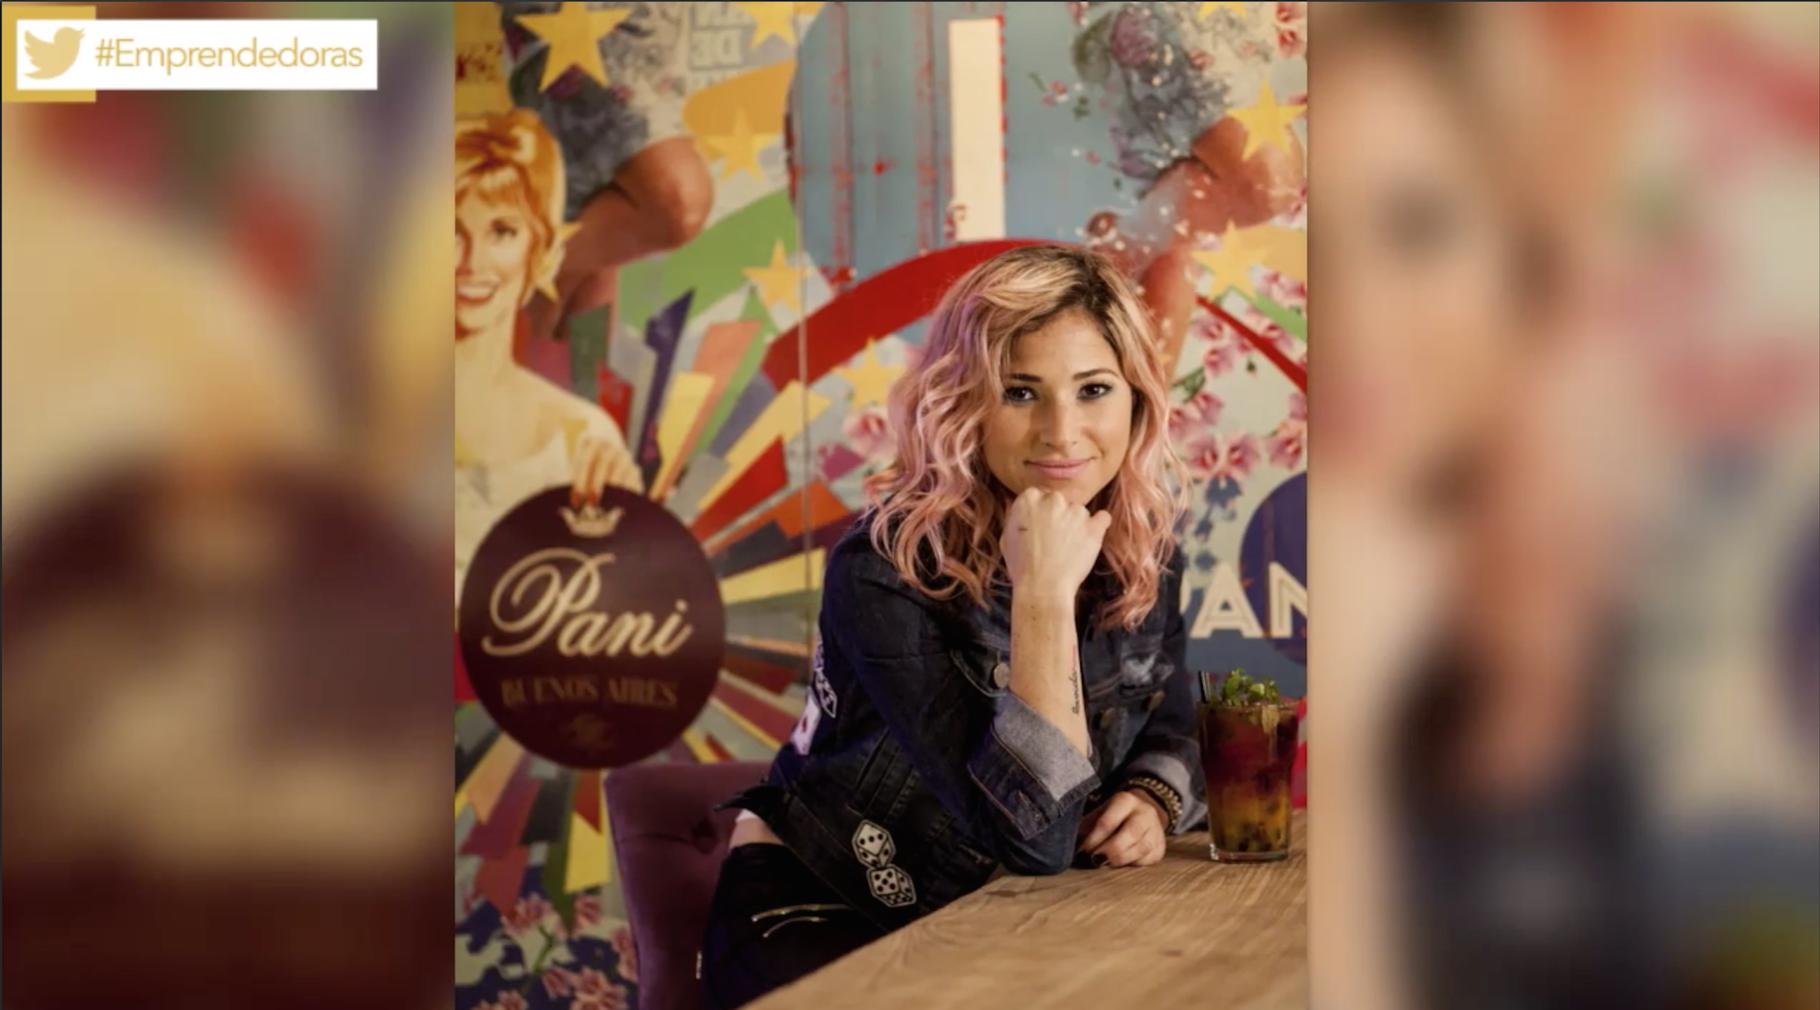 #Estreno #Emprendedoras: Pani y el éxito tras apostar por el amor a la pastelería